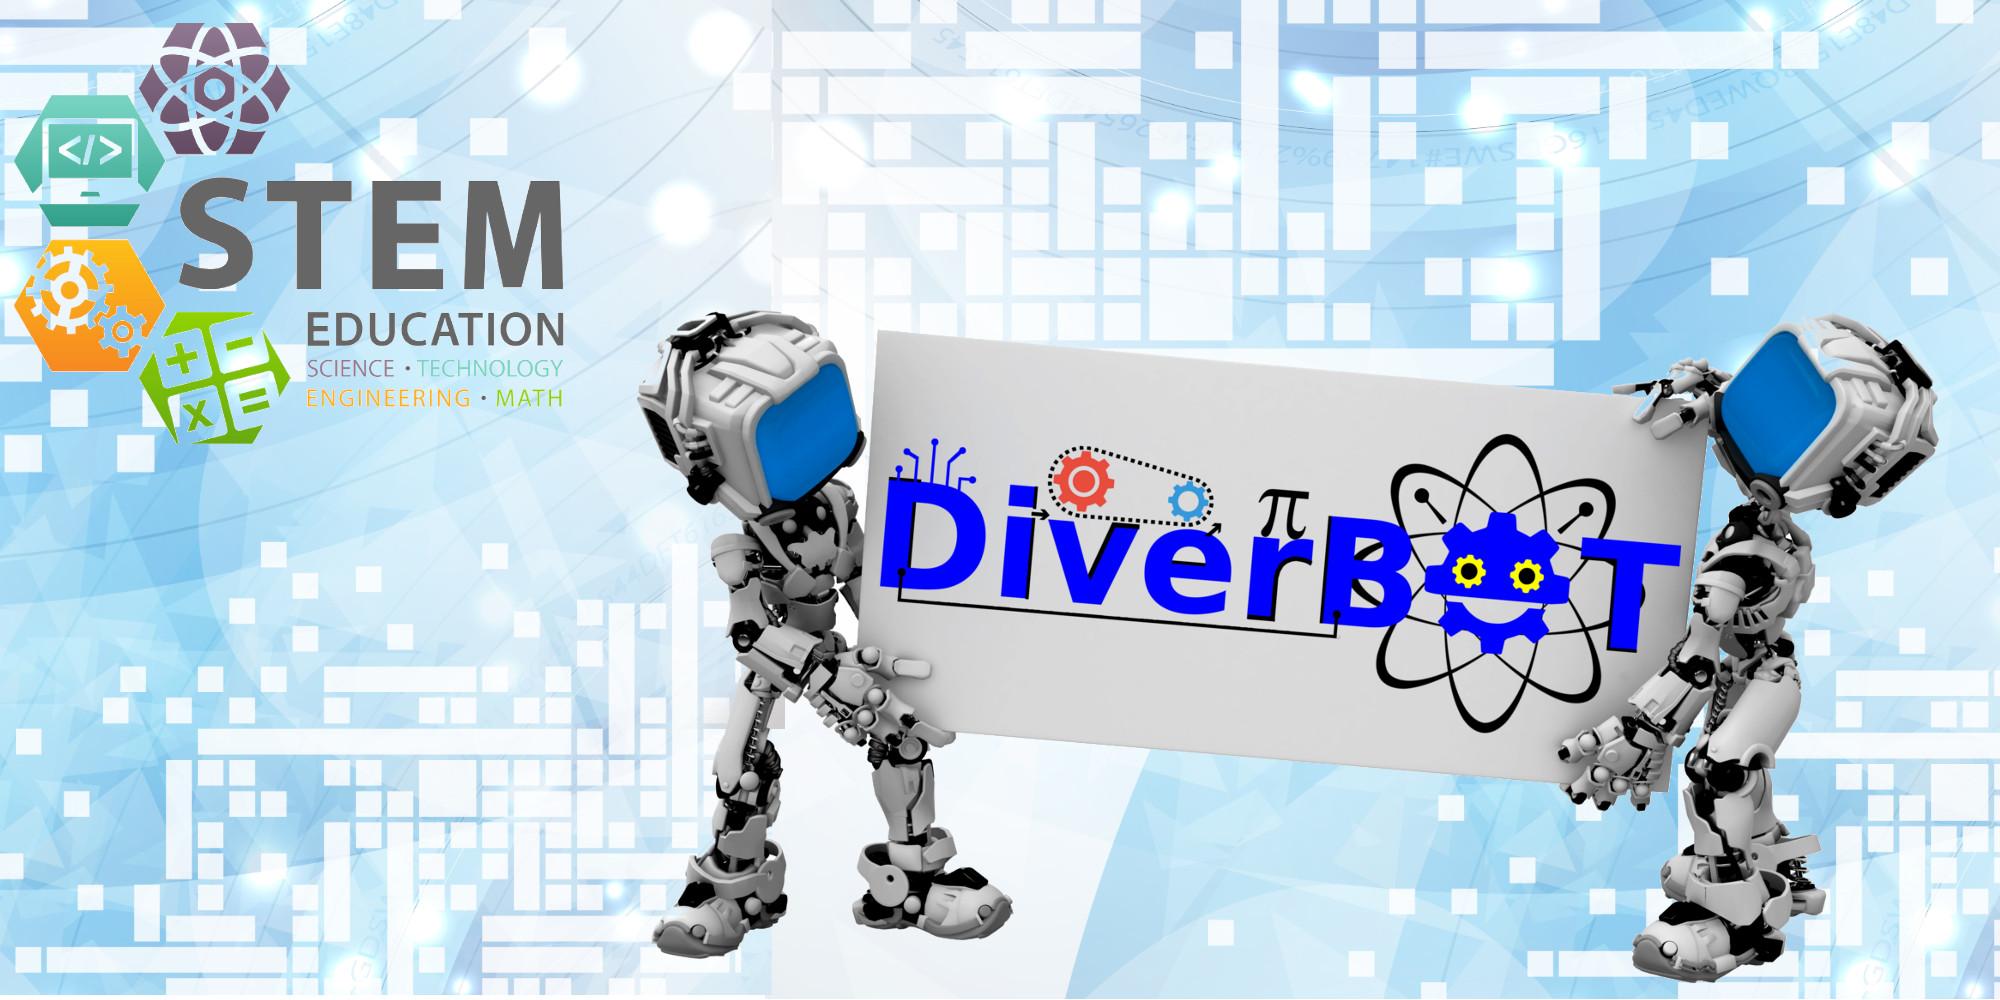 DiverBOT, robótica divertida Denia